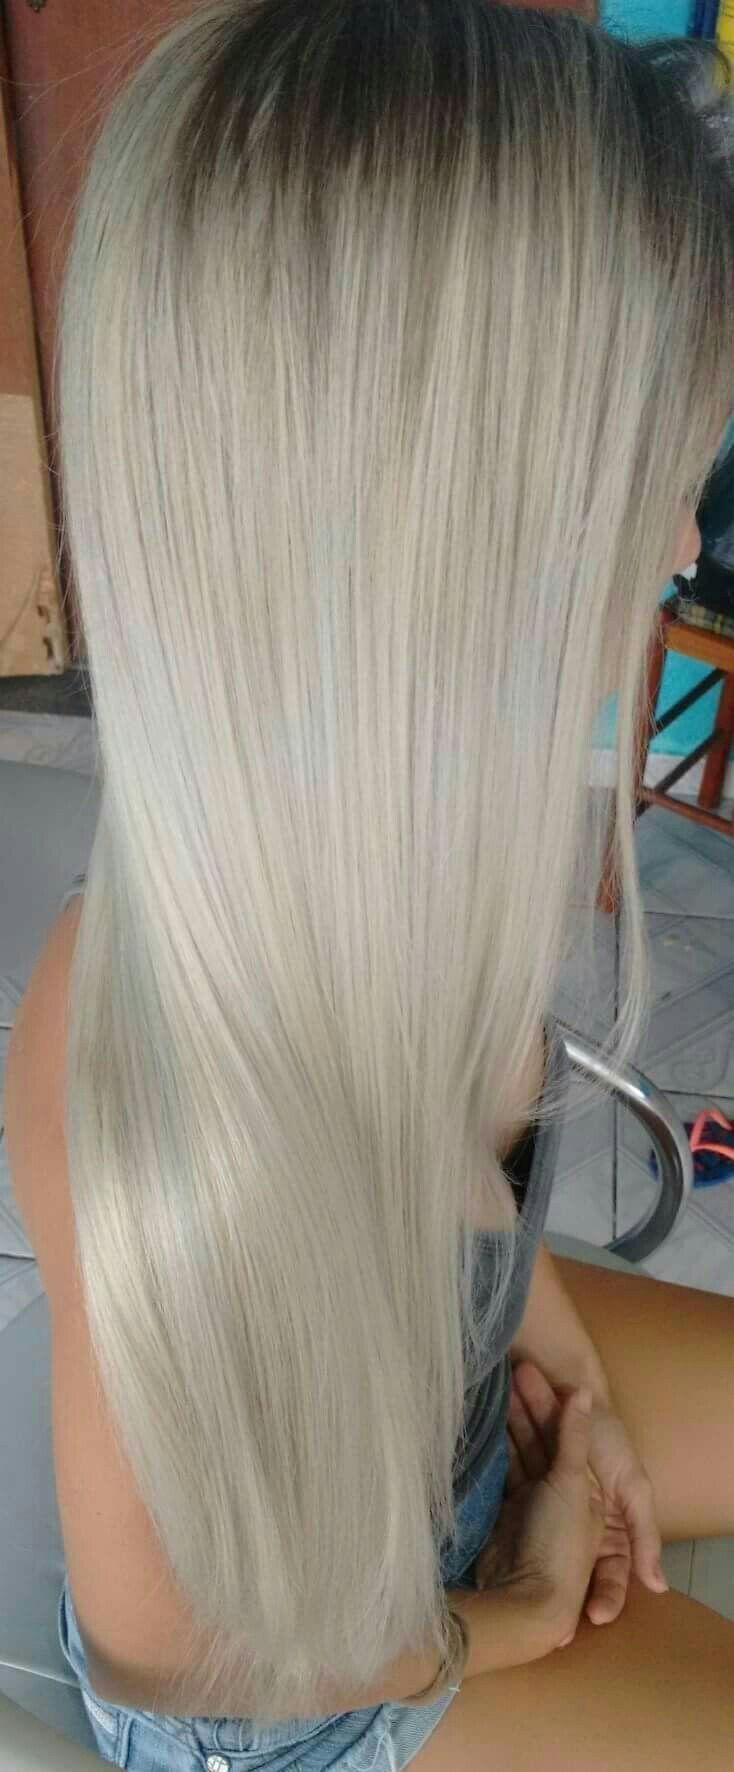 Correção total, cabelo super manchado de coloração preta ocaciosano por acidentes em sua residência rs. cabelo cabeleireiro(a)